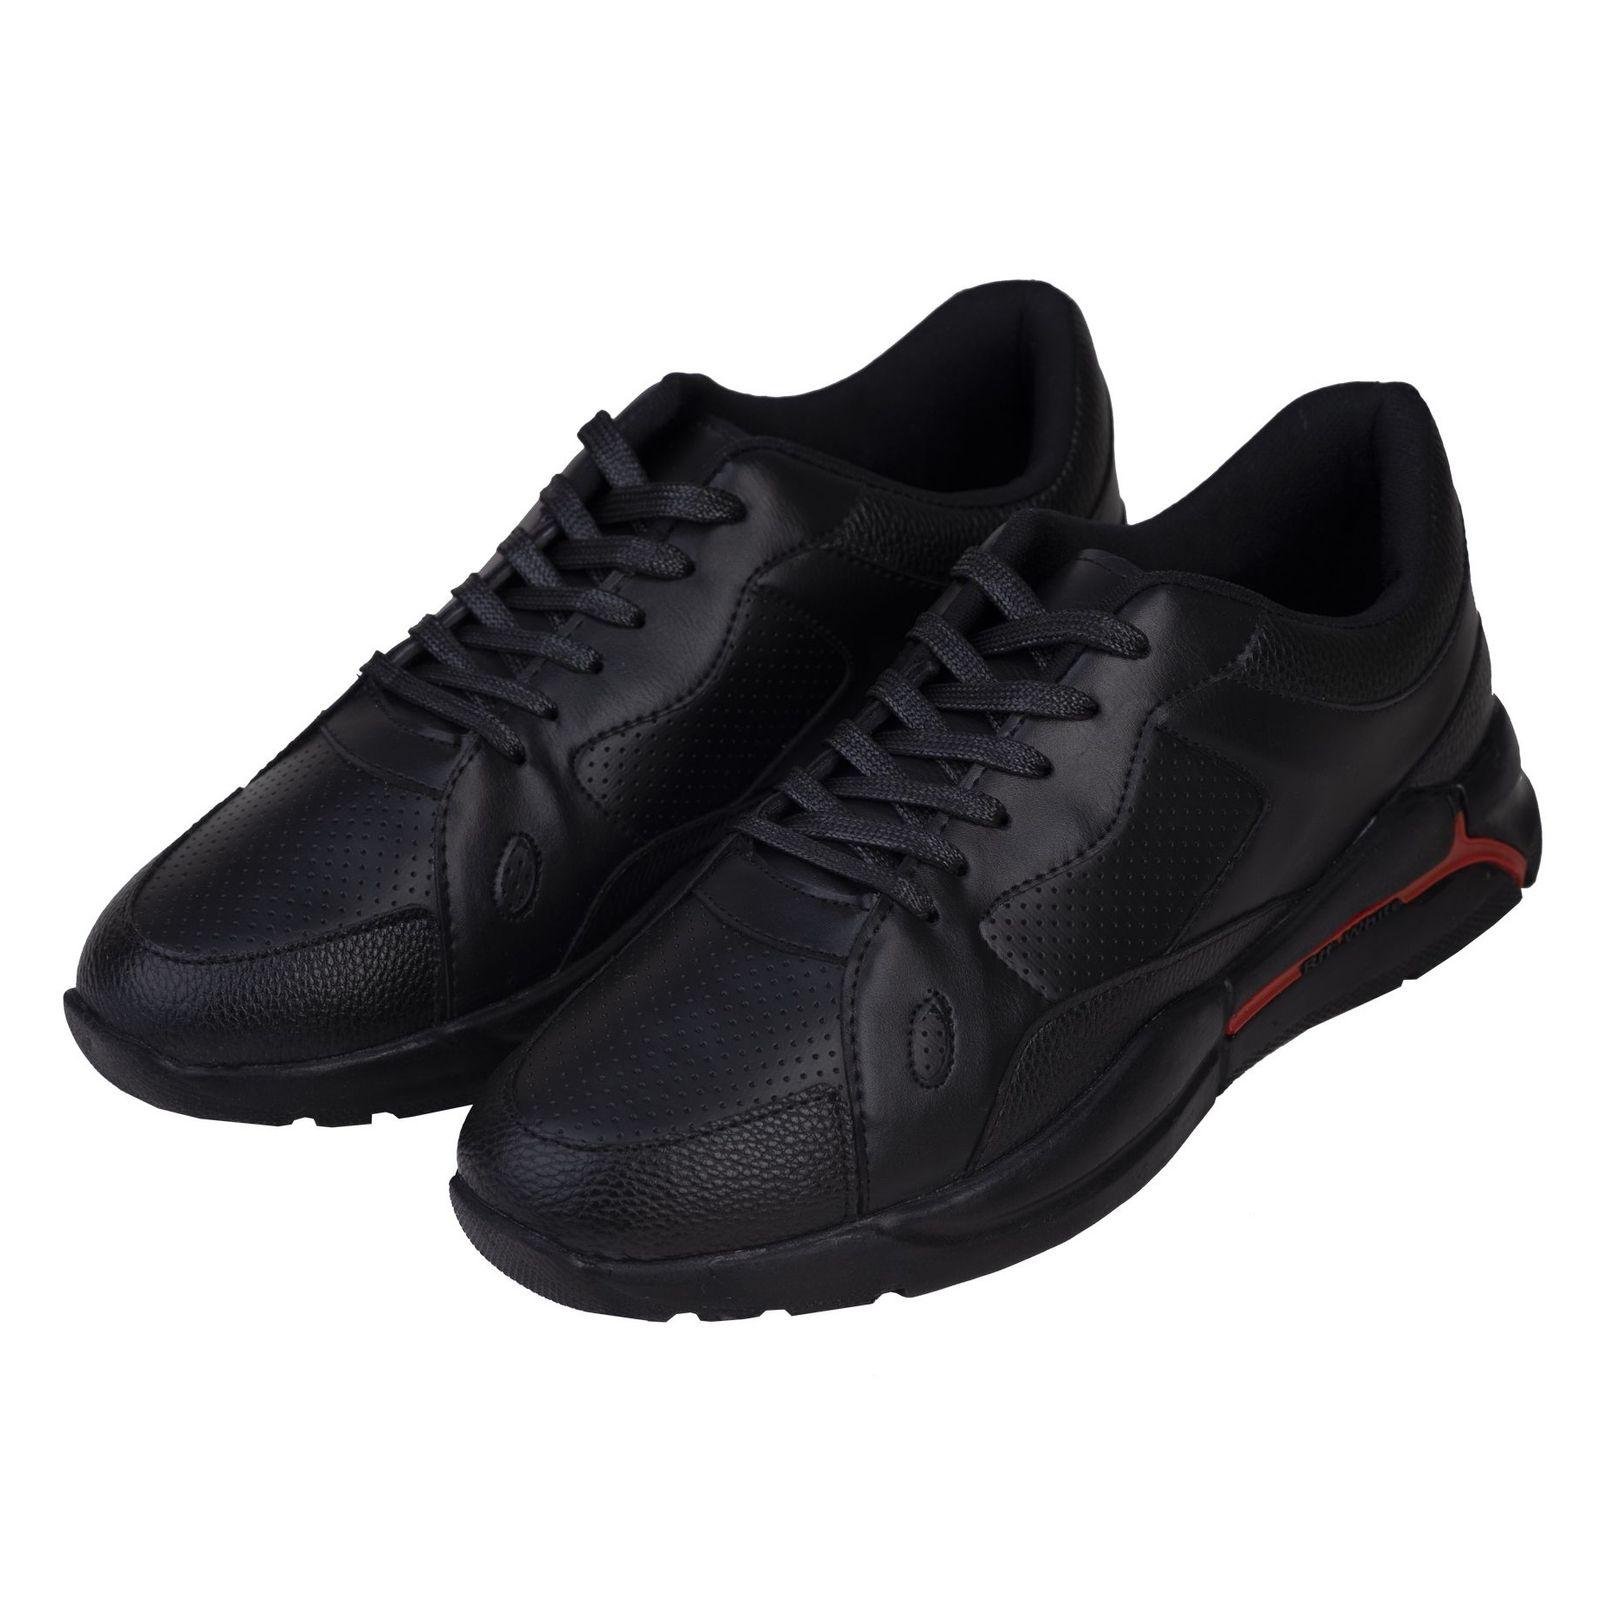 کفش مخصوص پیاده روی مردانه کد 700544 main 1 2